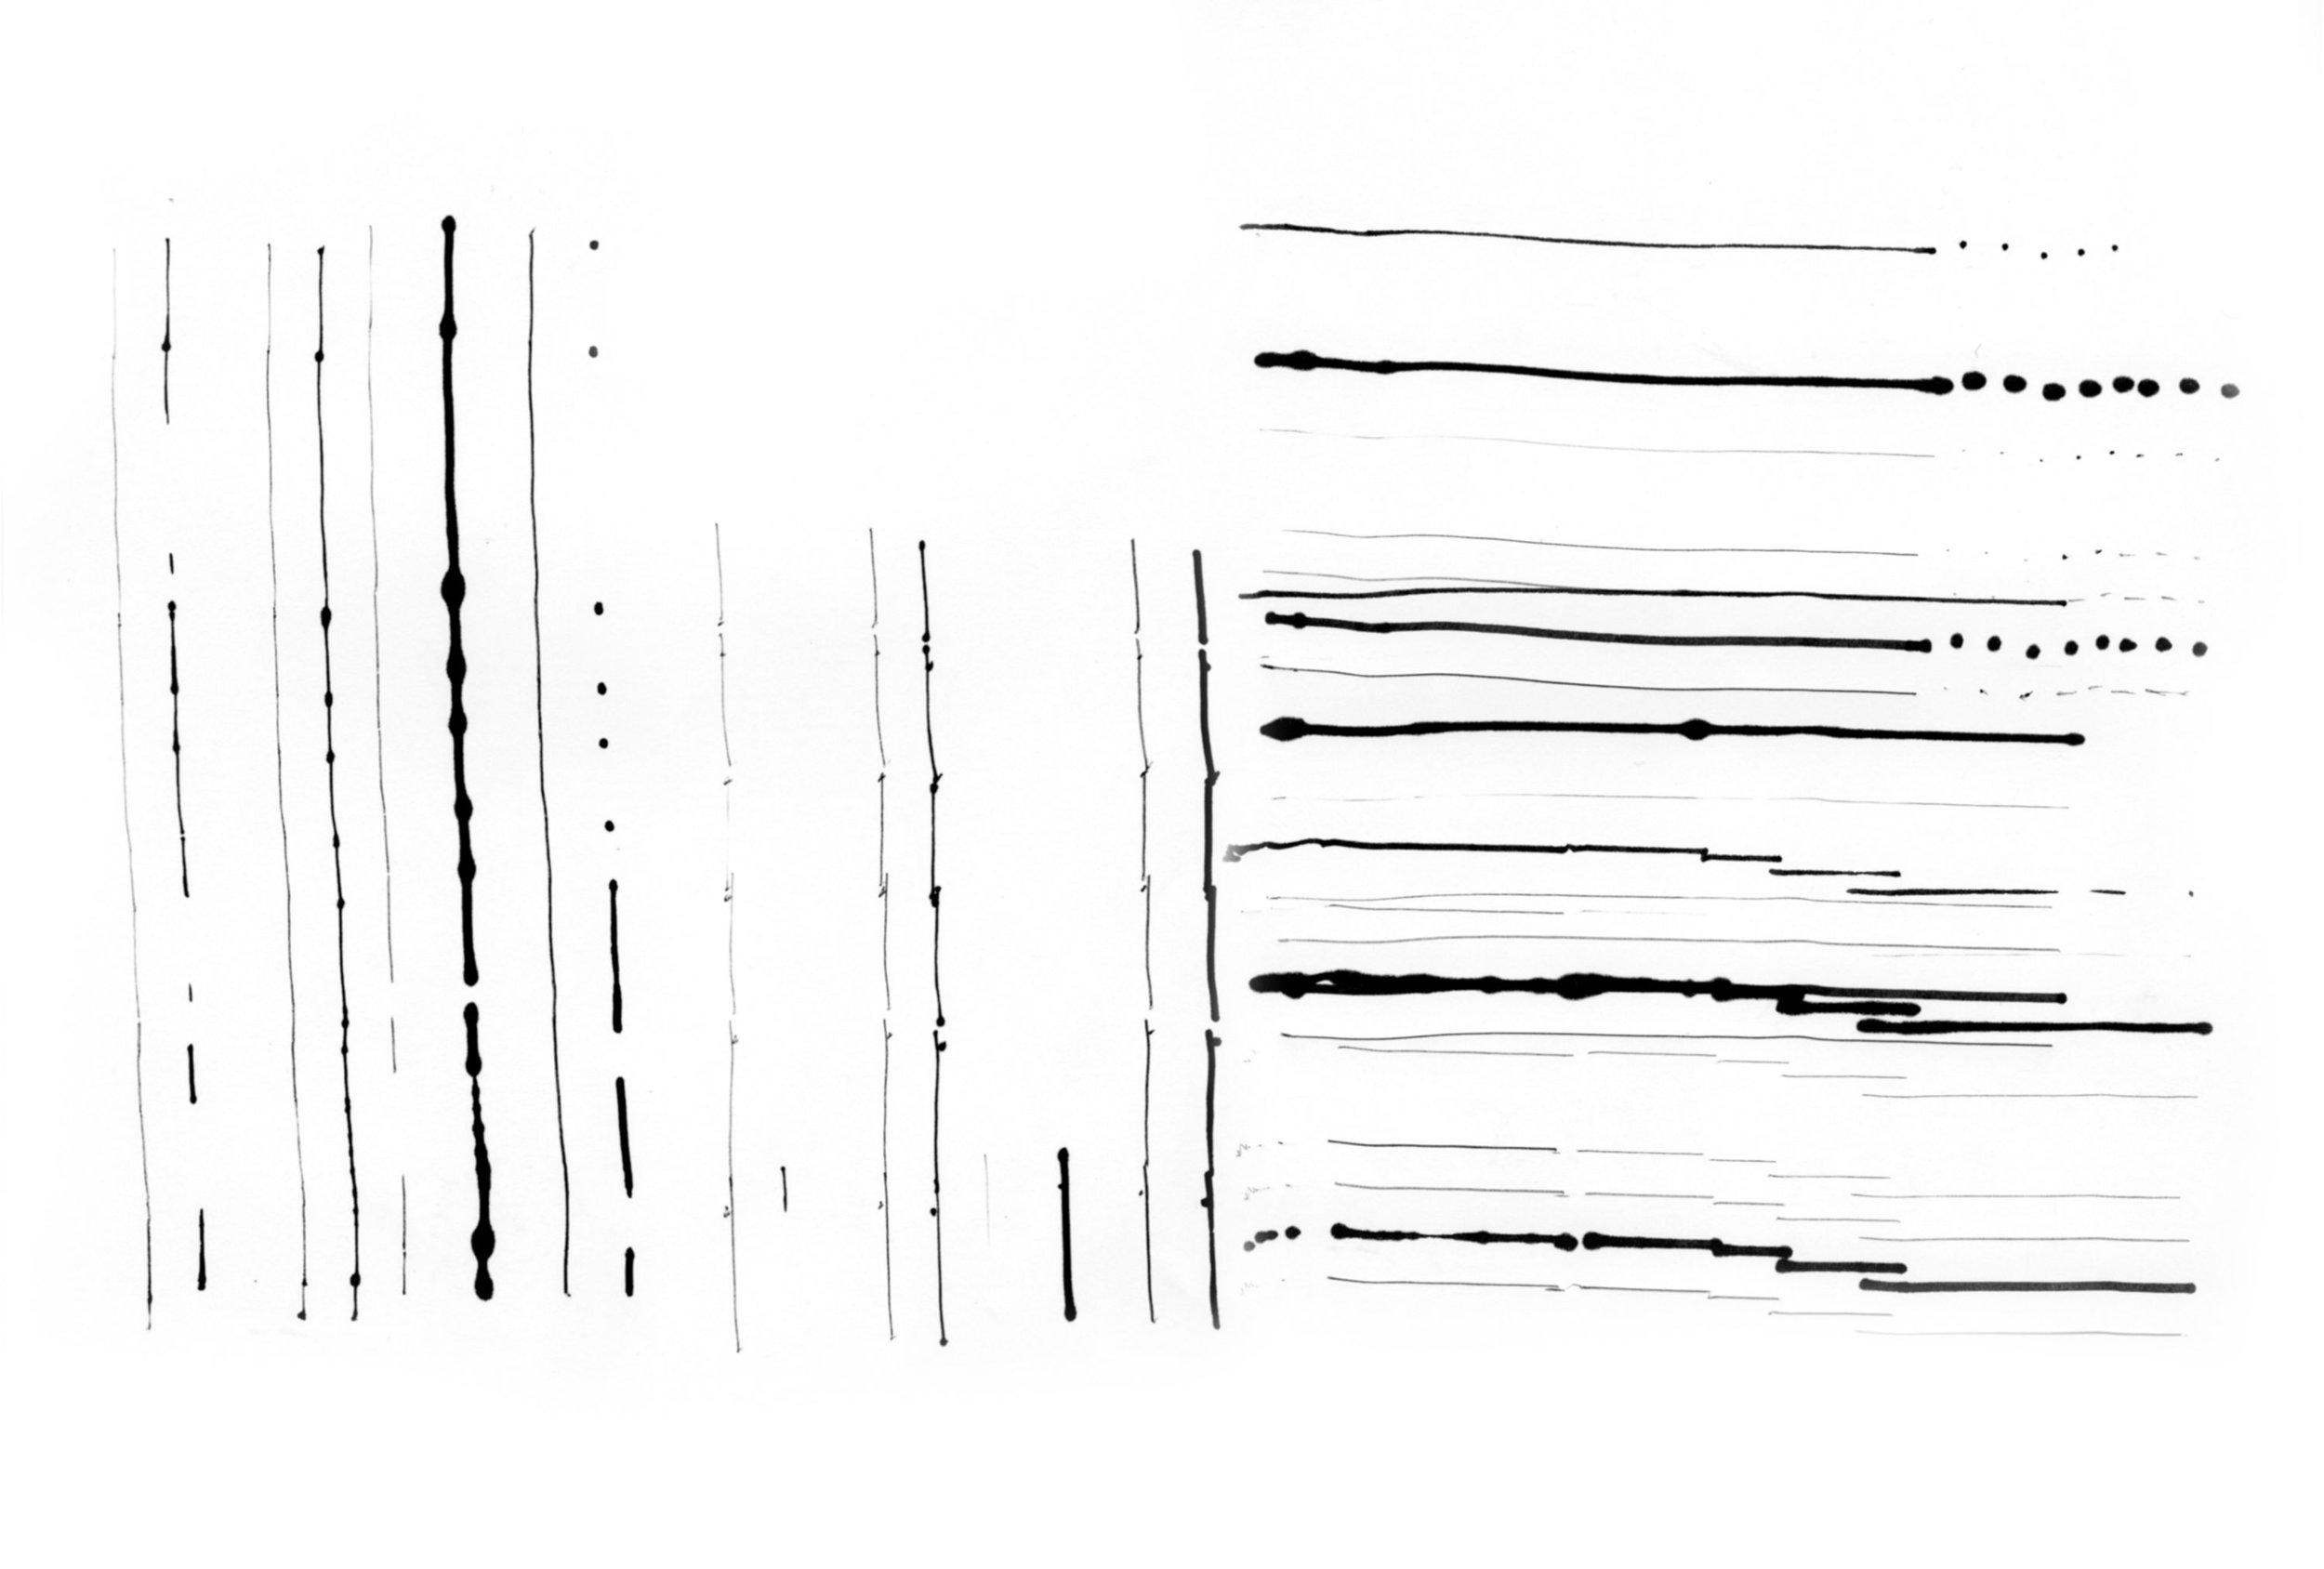 2008-oberflex-obersound-espace-sketches.jpg